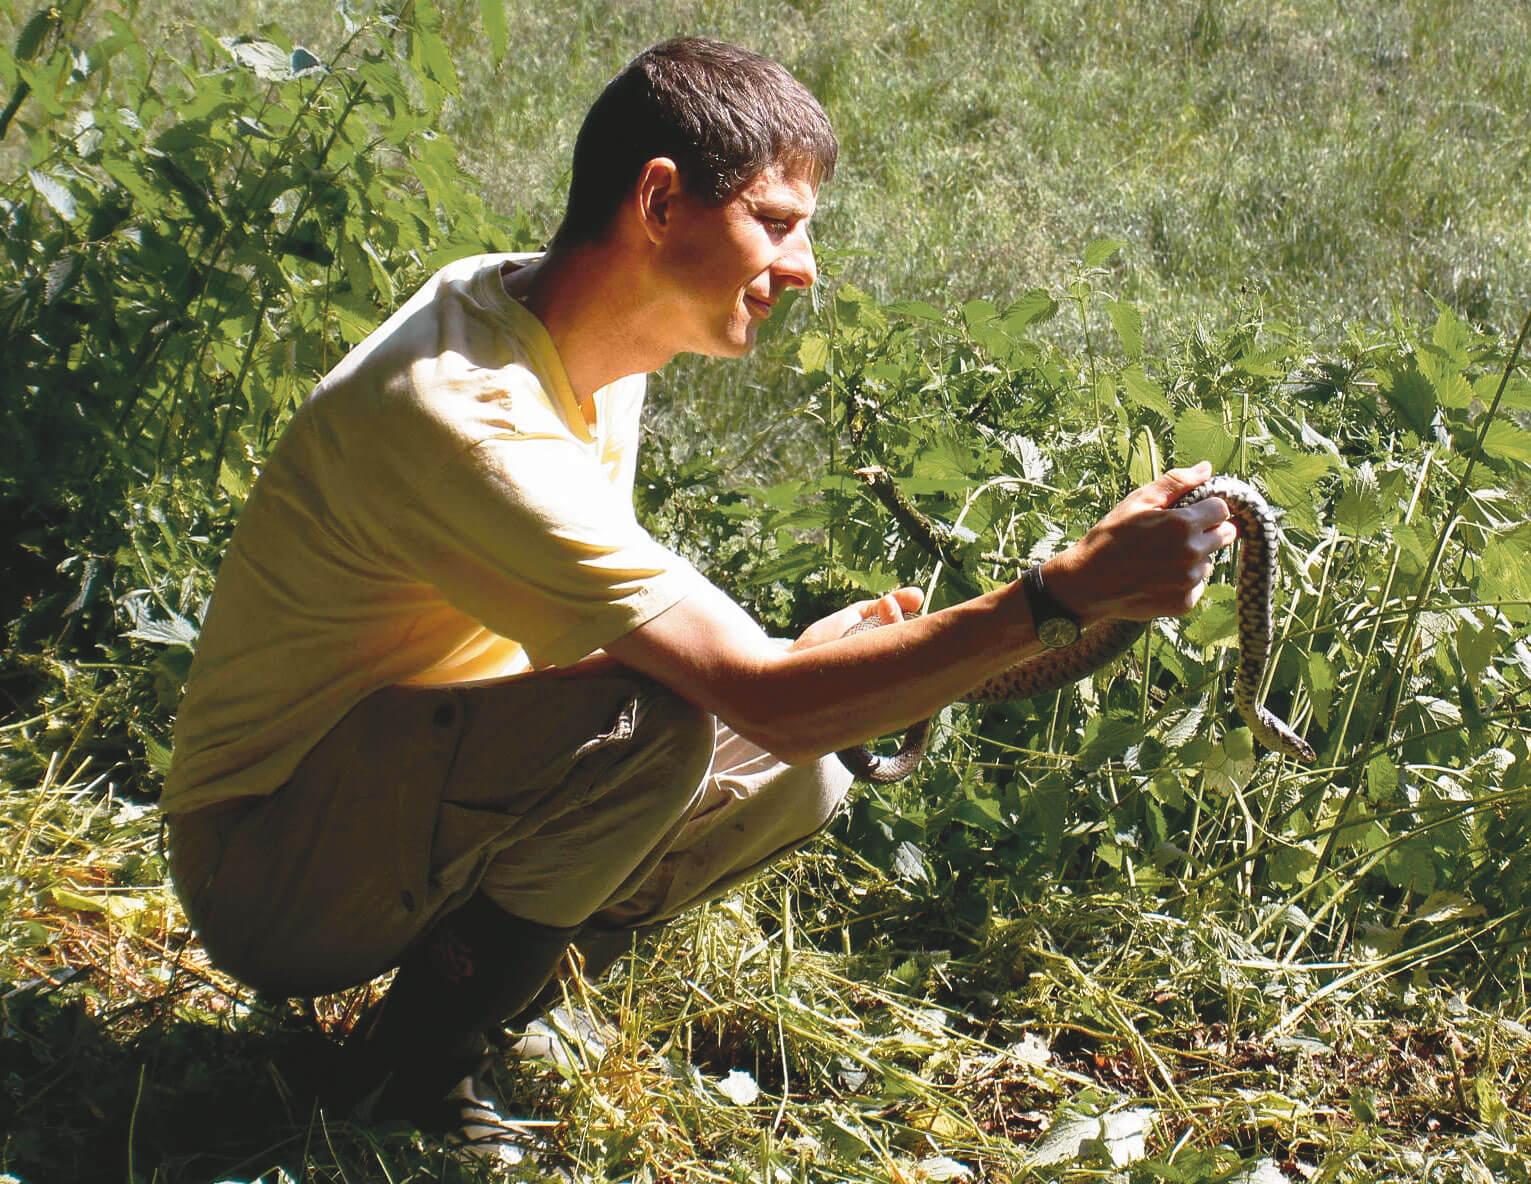 Couleuvre cherche compost - La Salamandre